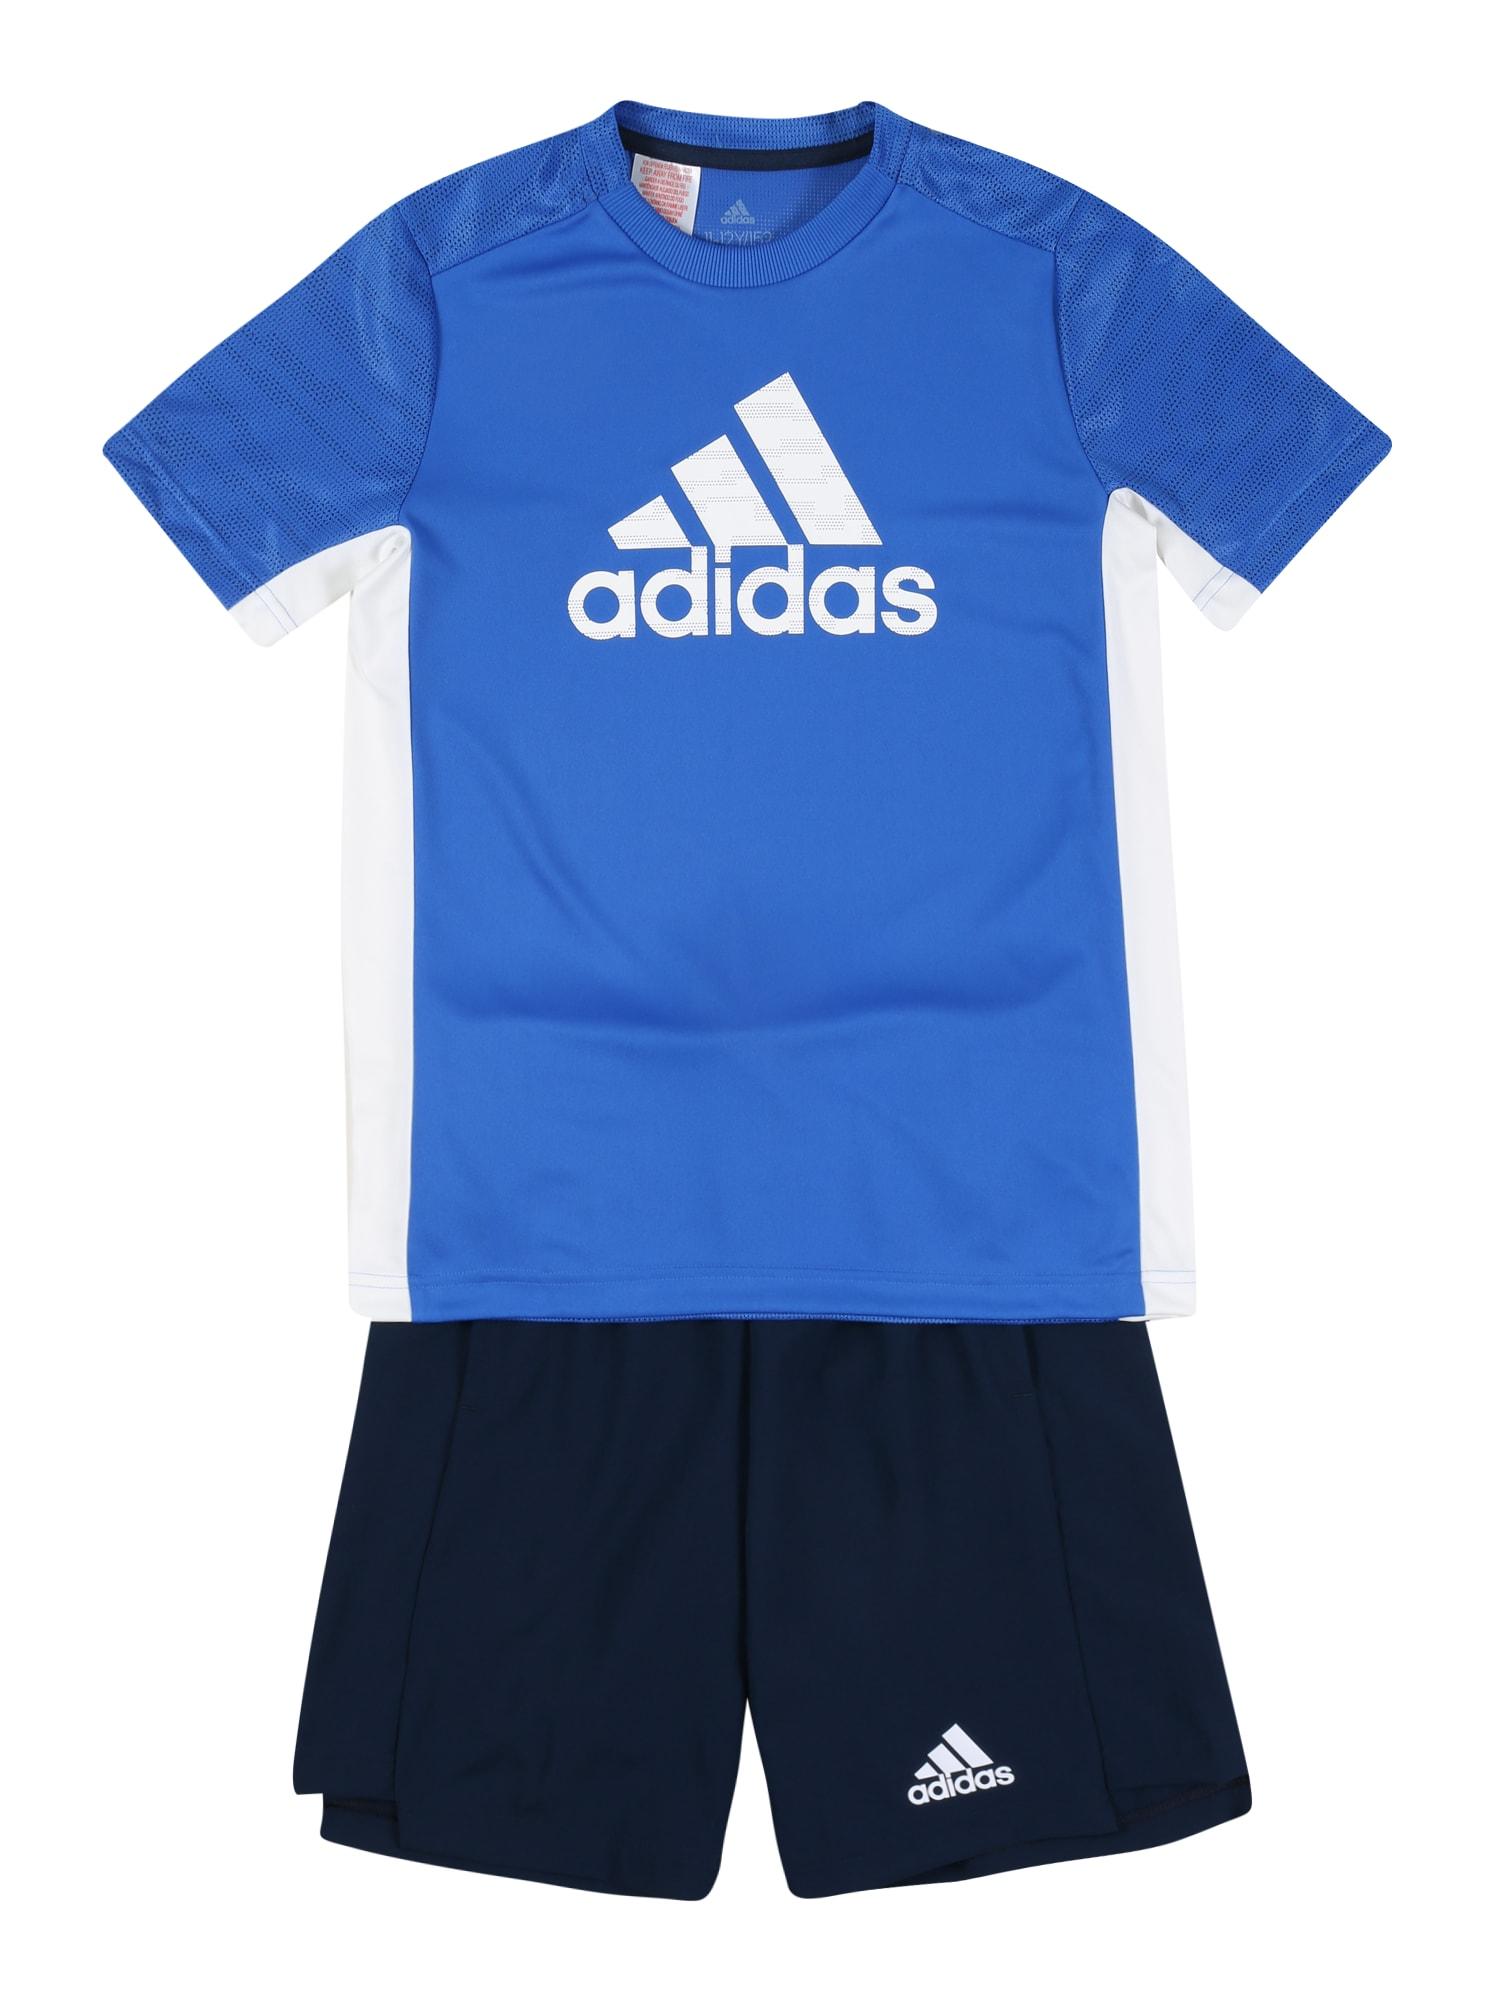 ADIDAS PERFORMANCE Sportinis kostiumas tamsiai mėlyna / juoda